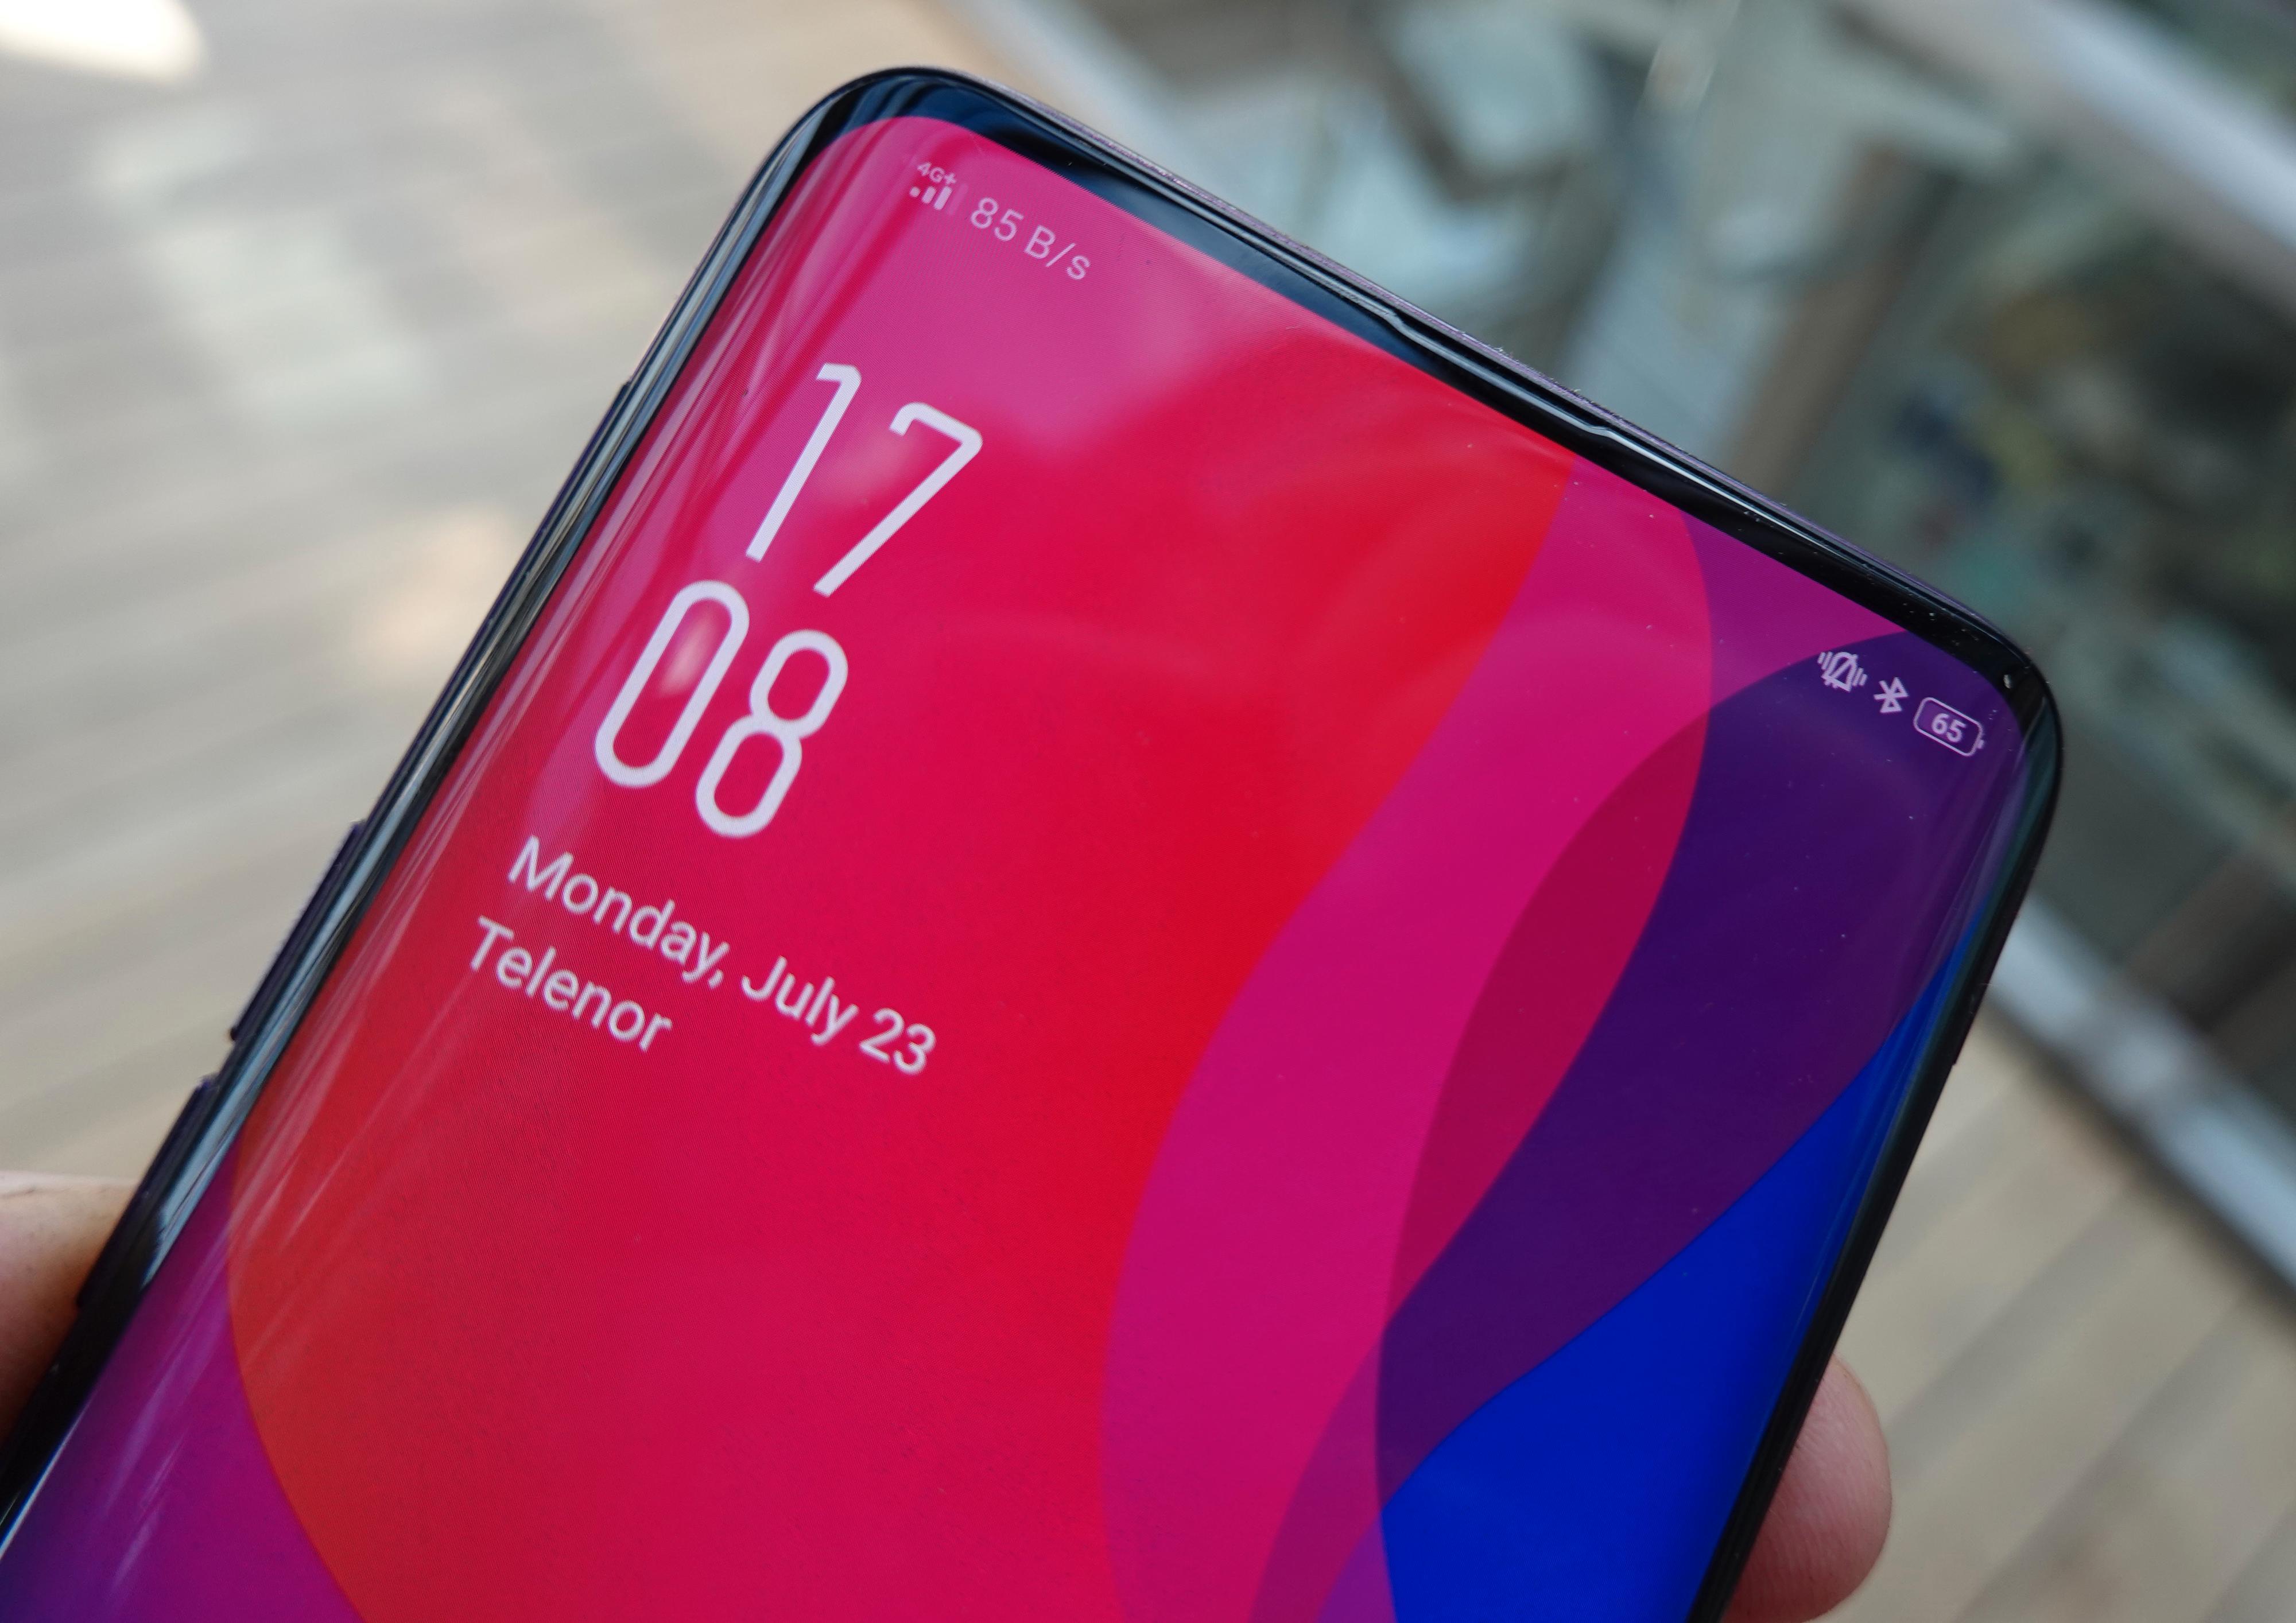 Telefoner med så godt som heldekkende skjerm er endelig her, og for Find X er ikke engang sensorhakket i toppen av skjermen et tema.